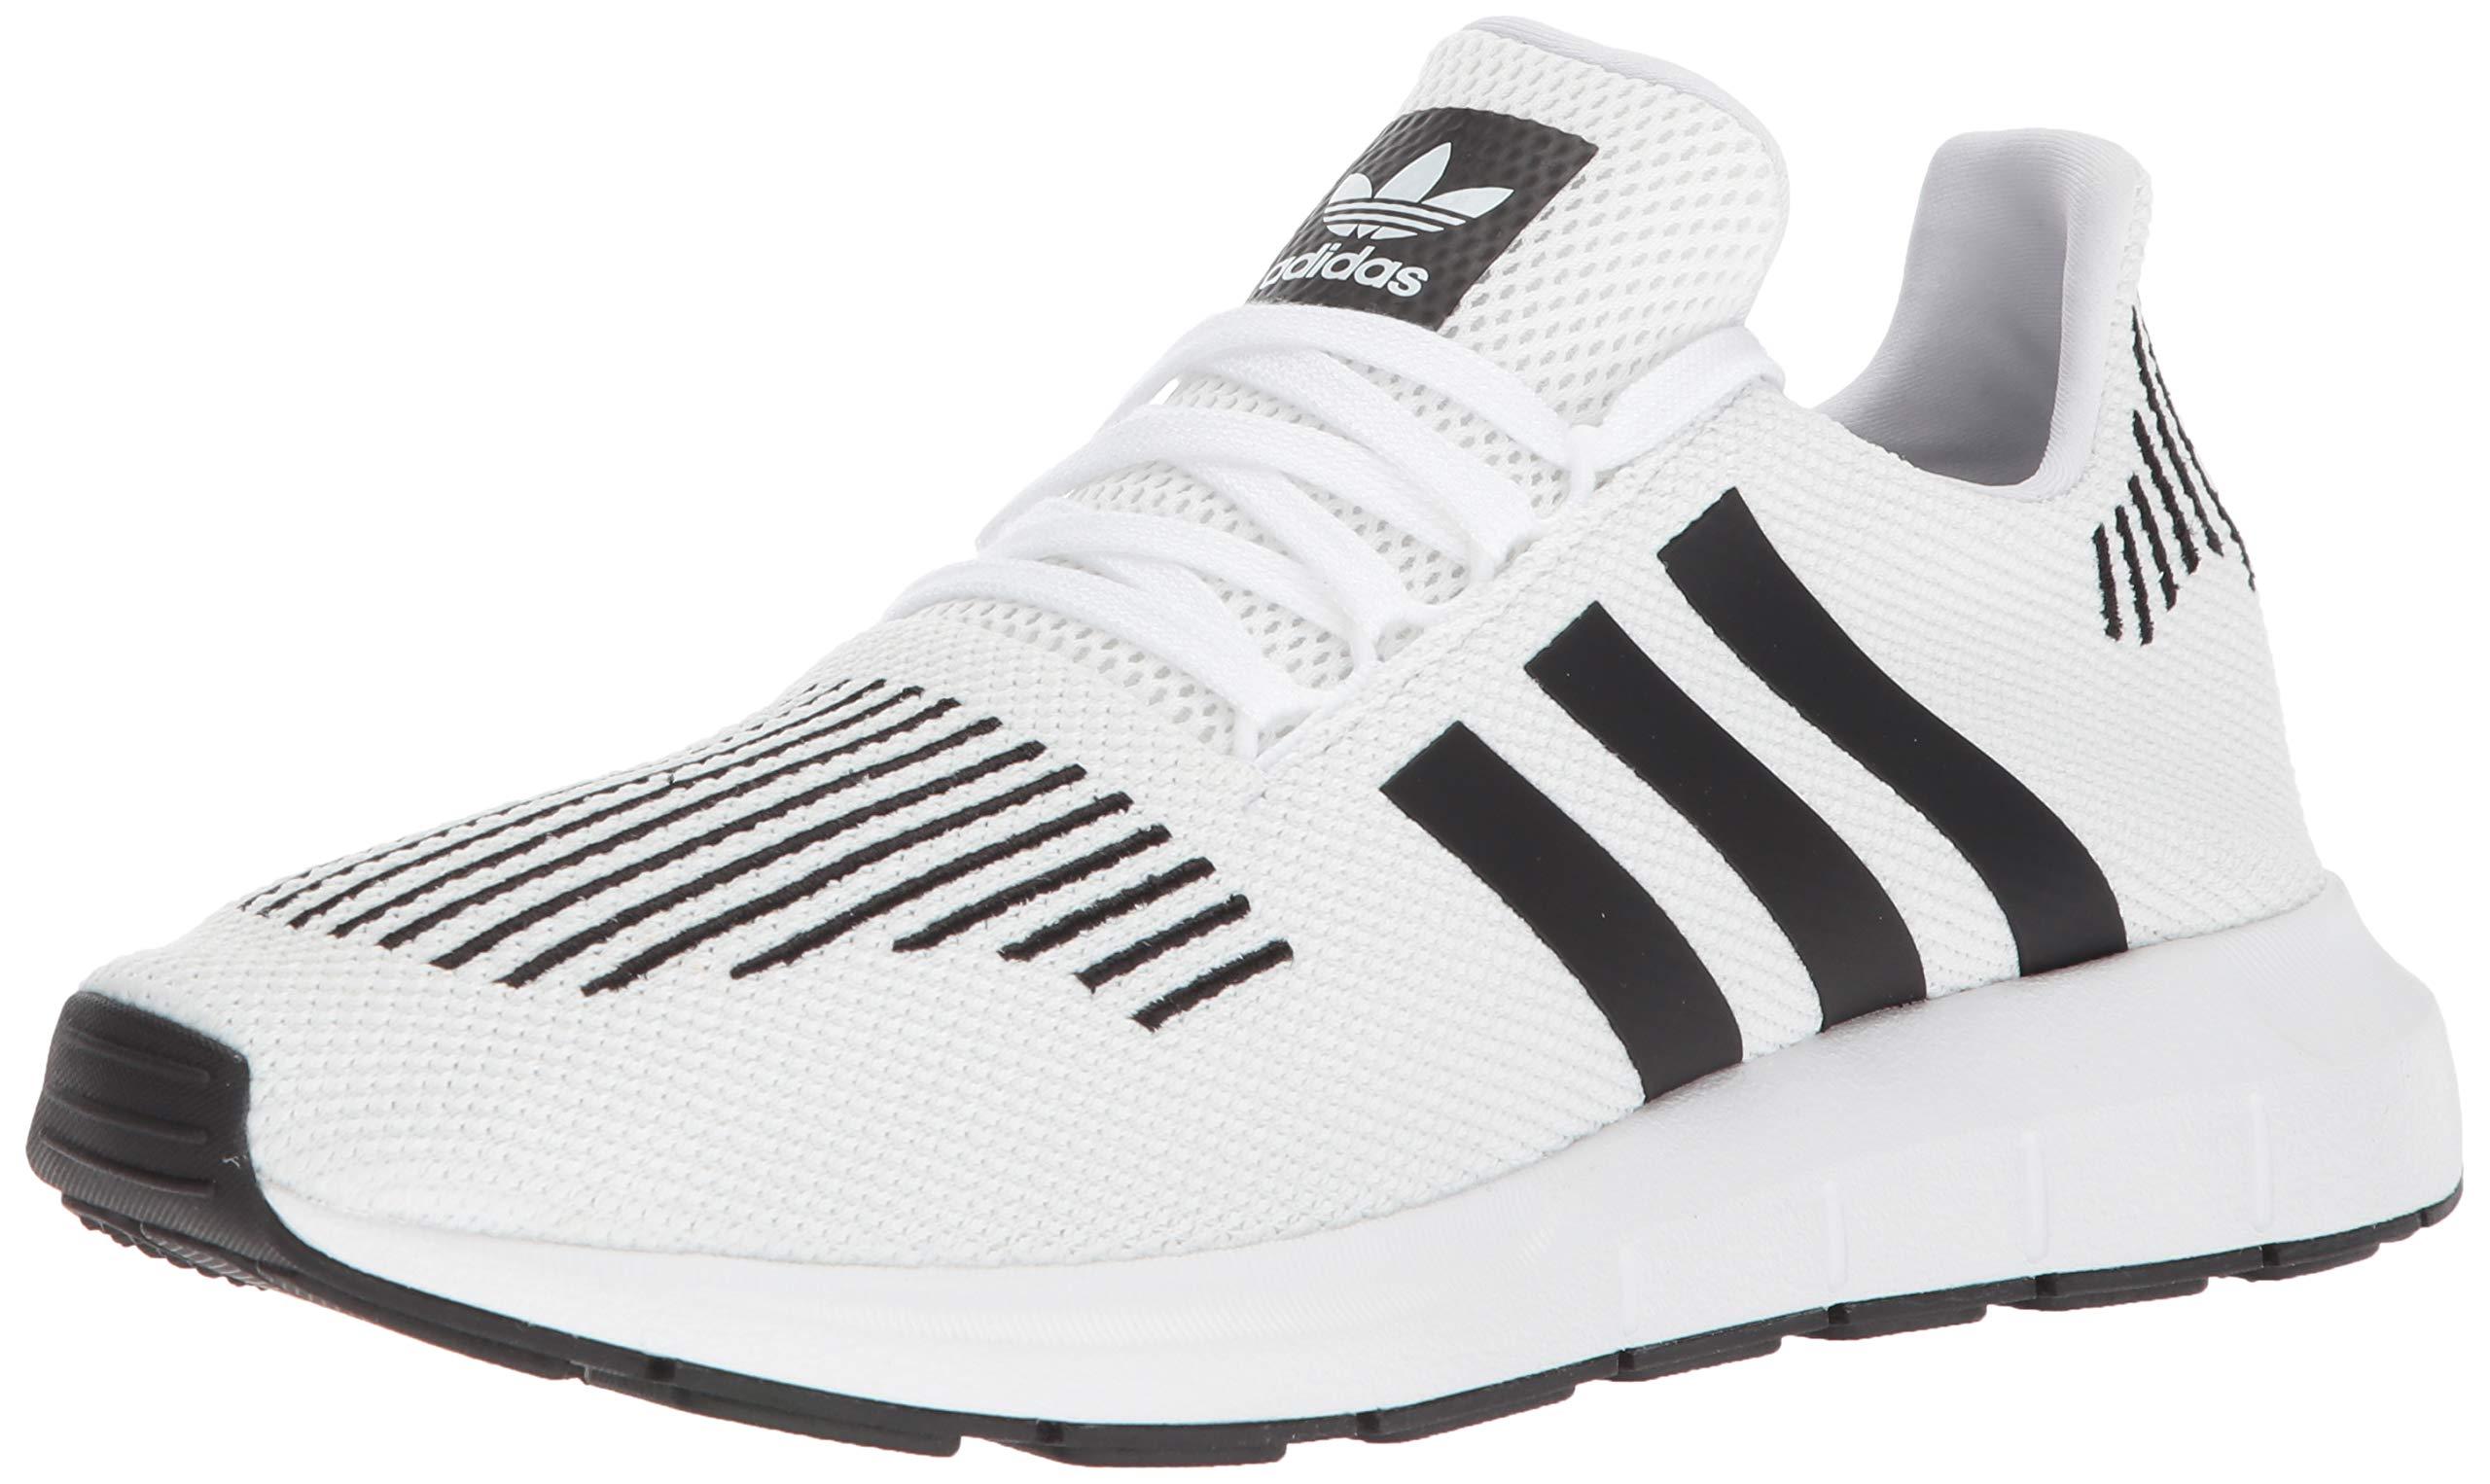 adidas Originals Men's SWIFT RUN Shoes,white/core black/medium grey heather,10 Medium US